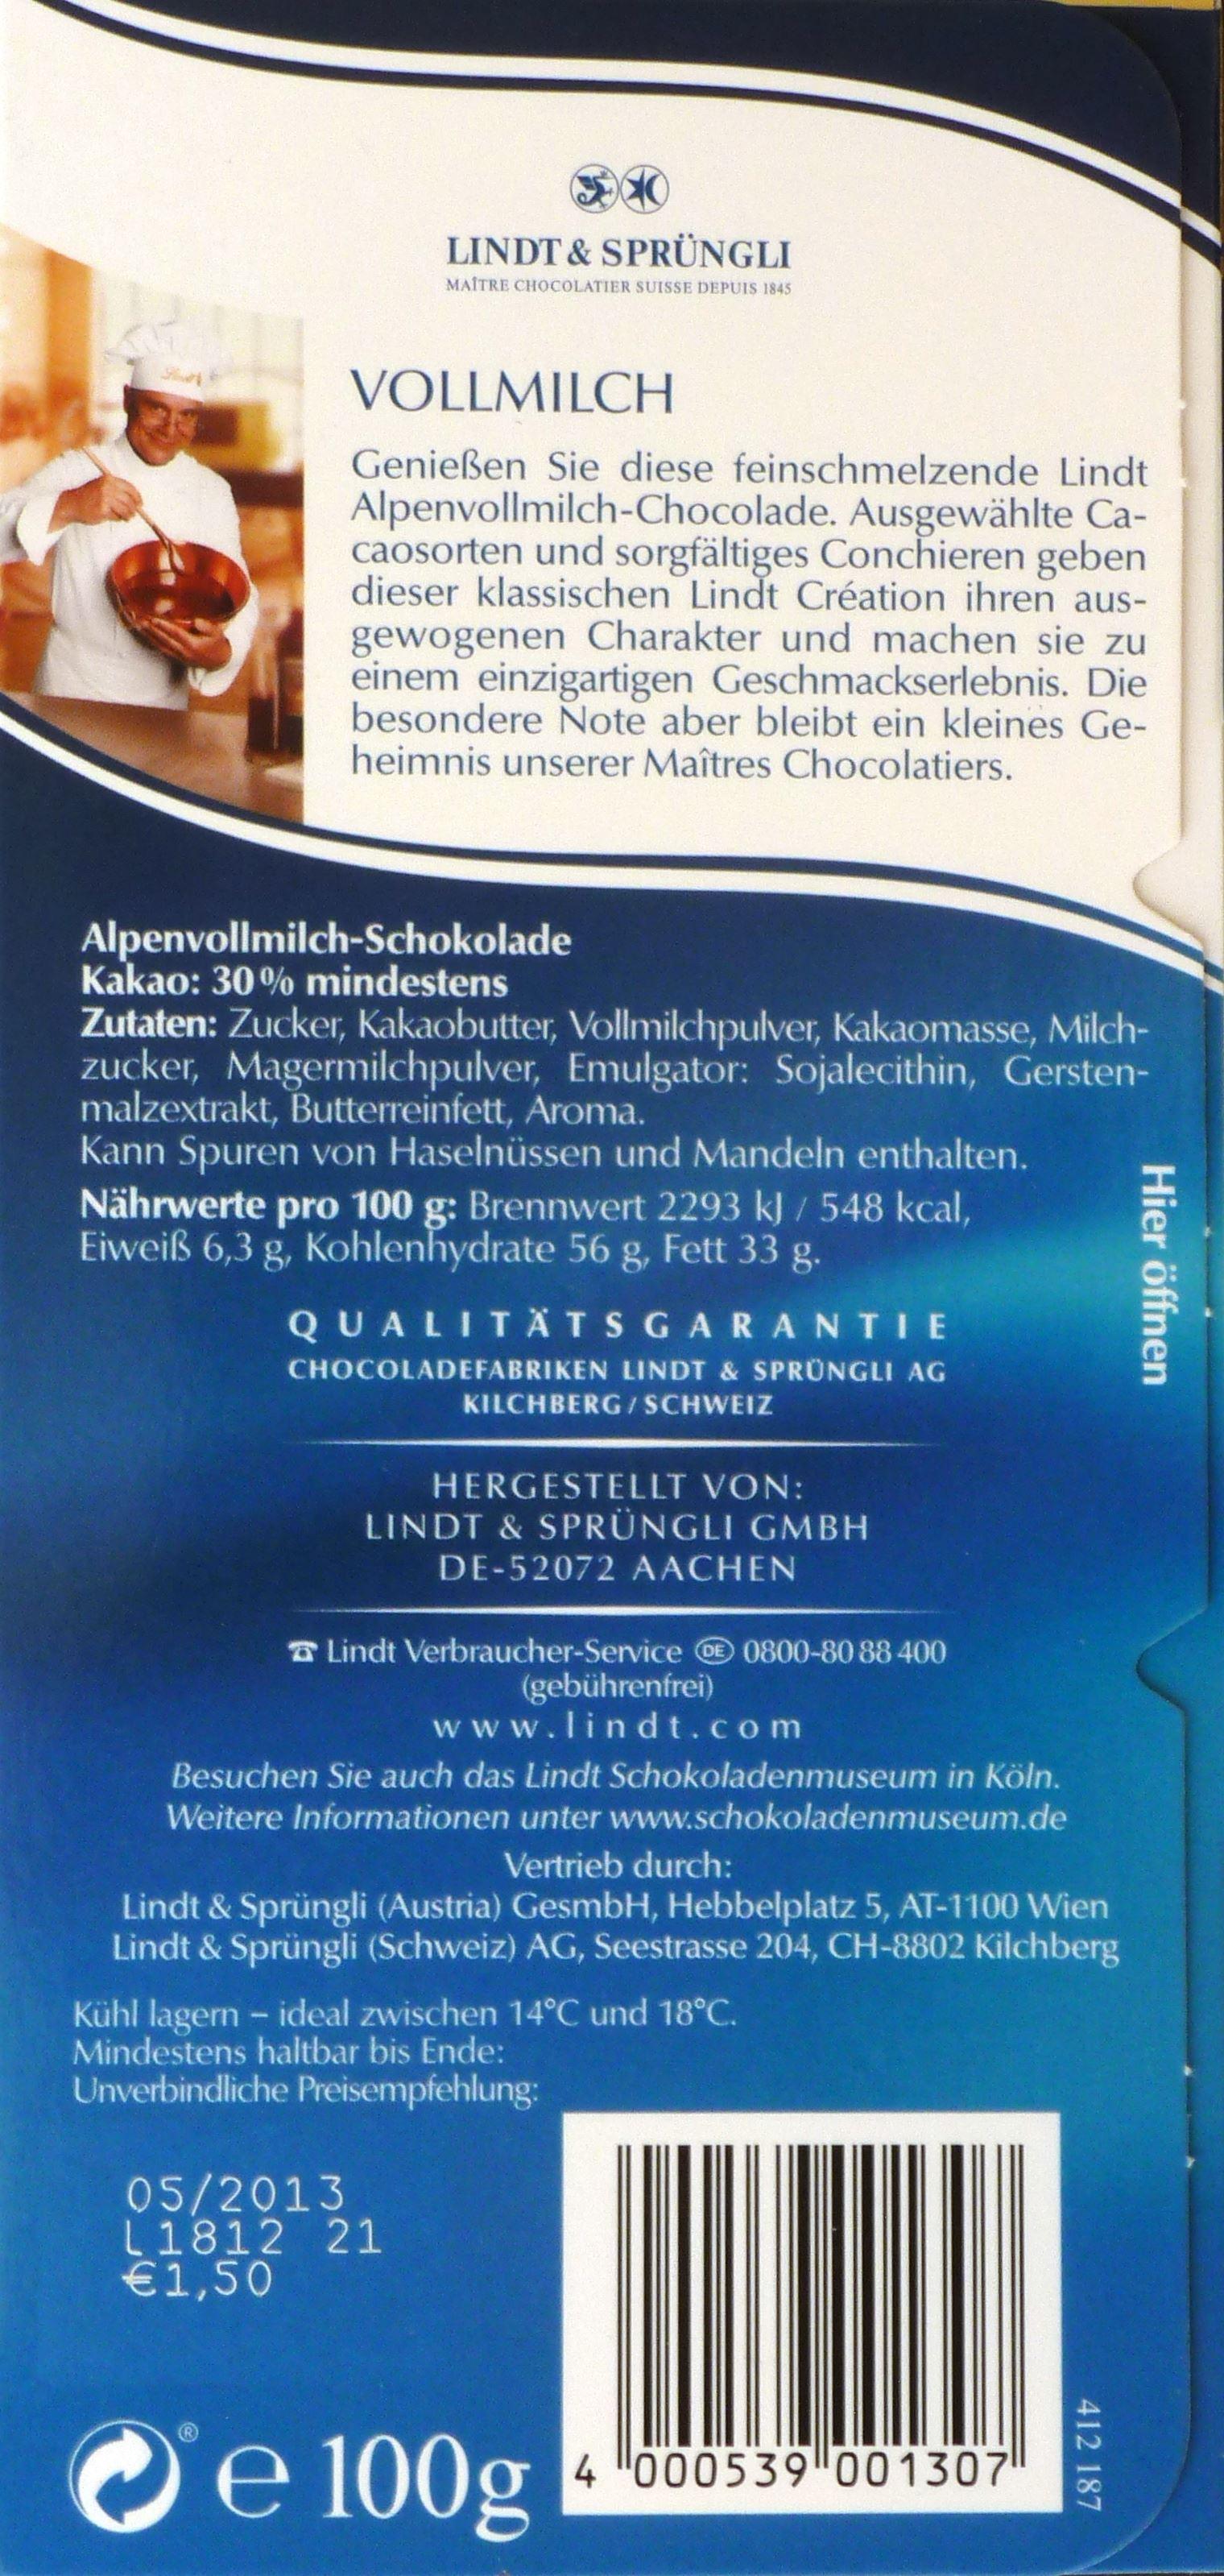 Lindt Vollmilchschokolade aus Alpenmilch - Inhaltsangaben